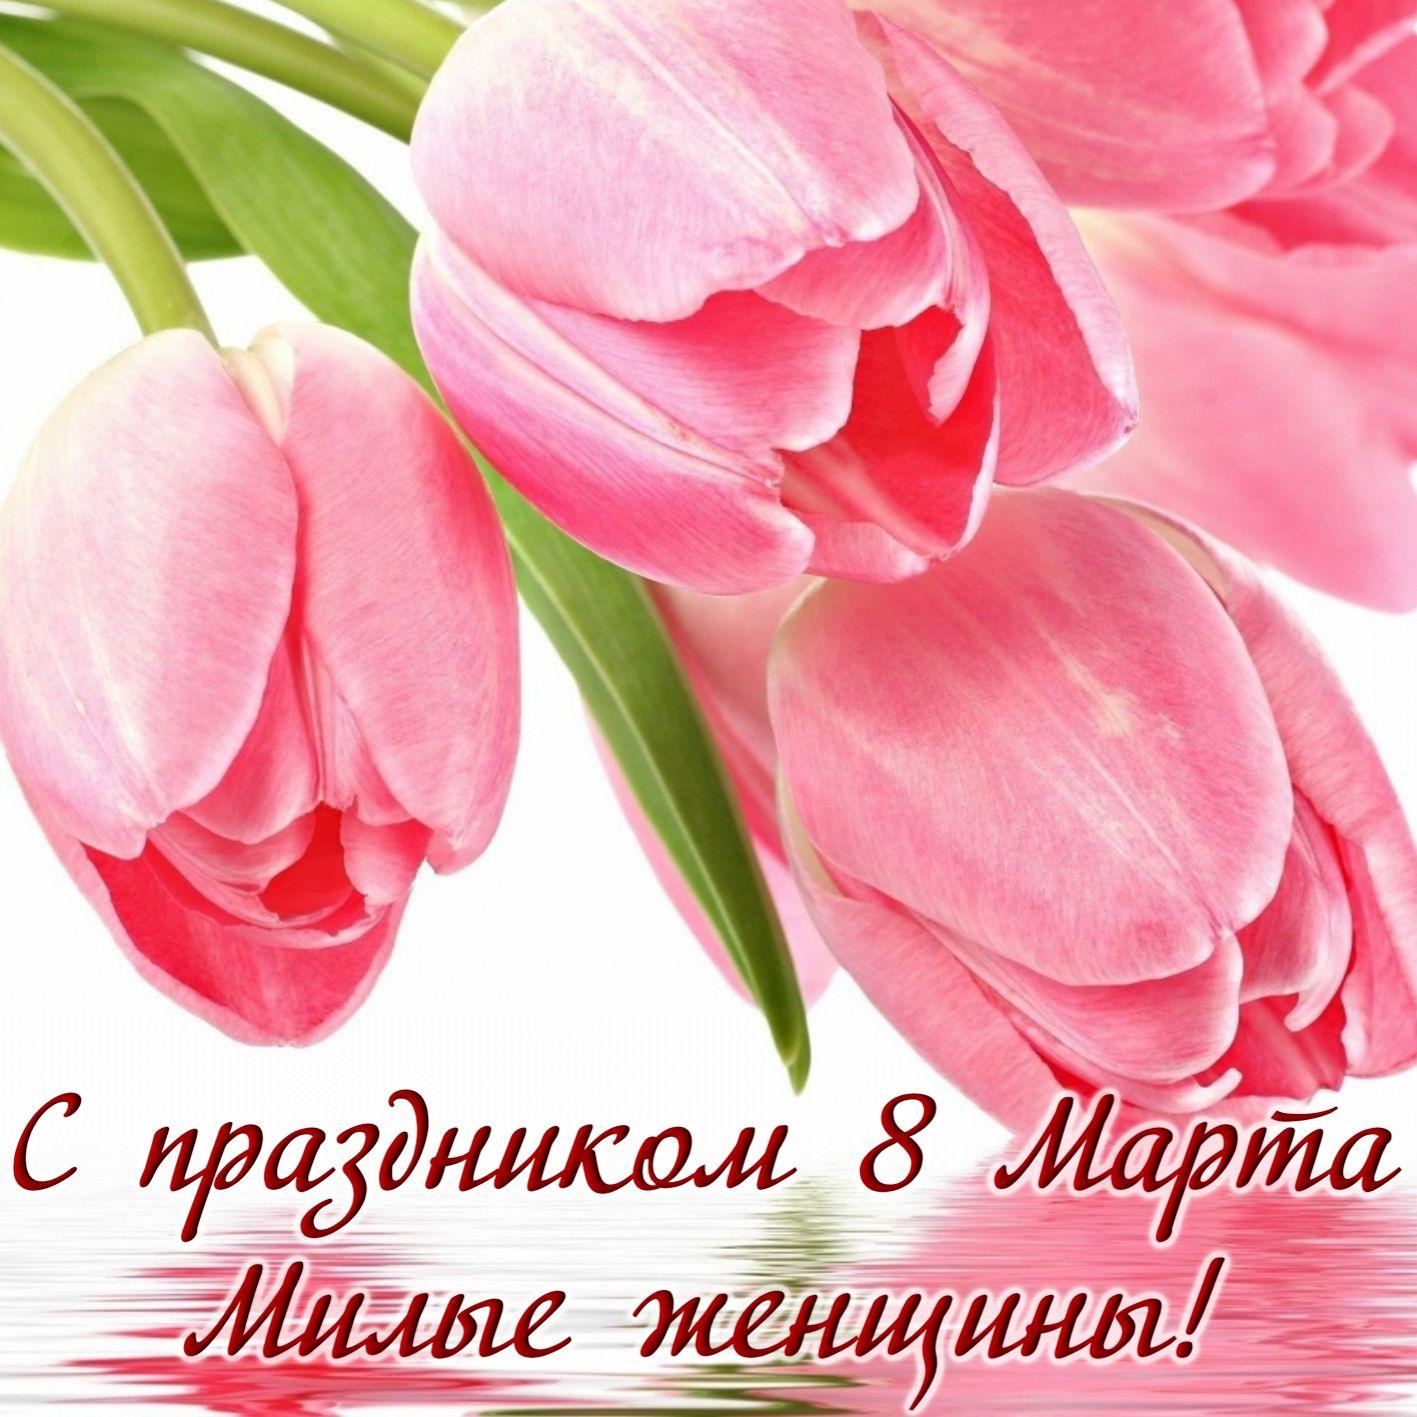 Поздравить с днем 8 марта открыткой, картинка